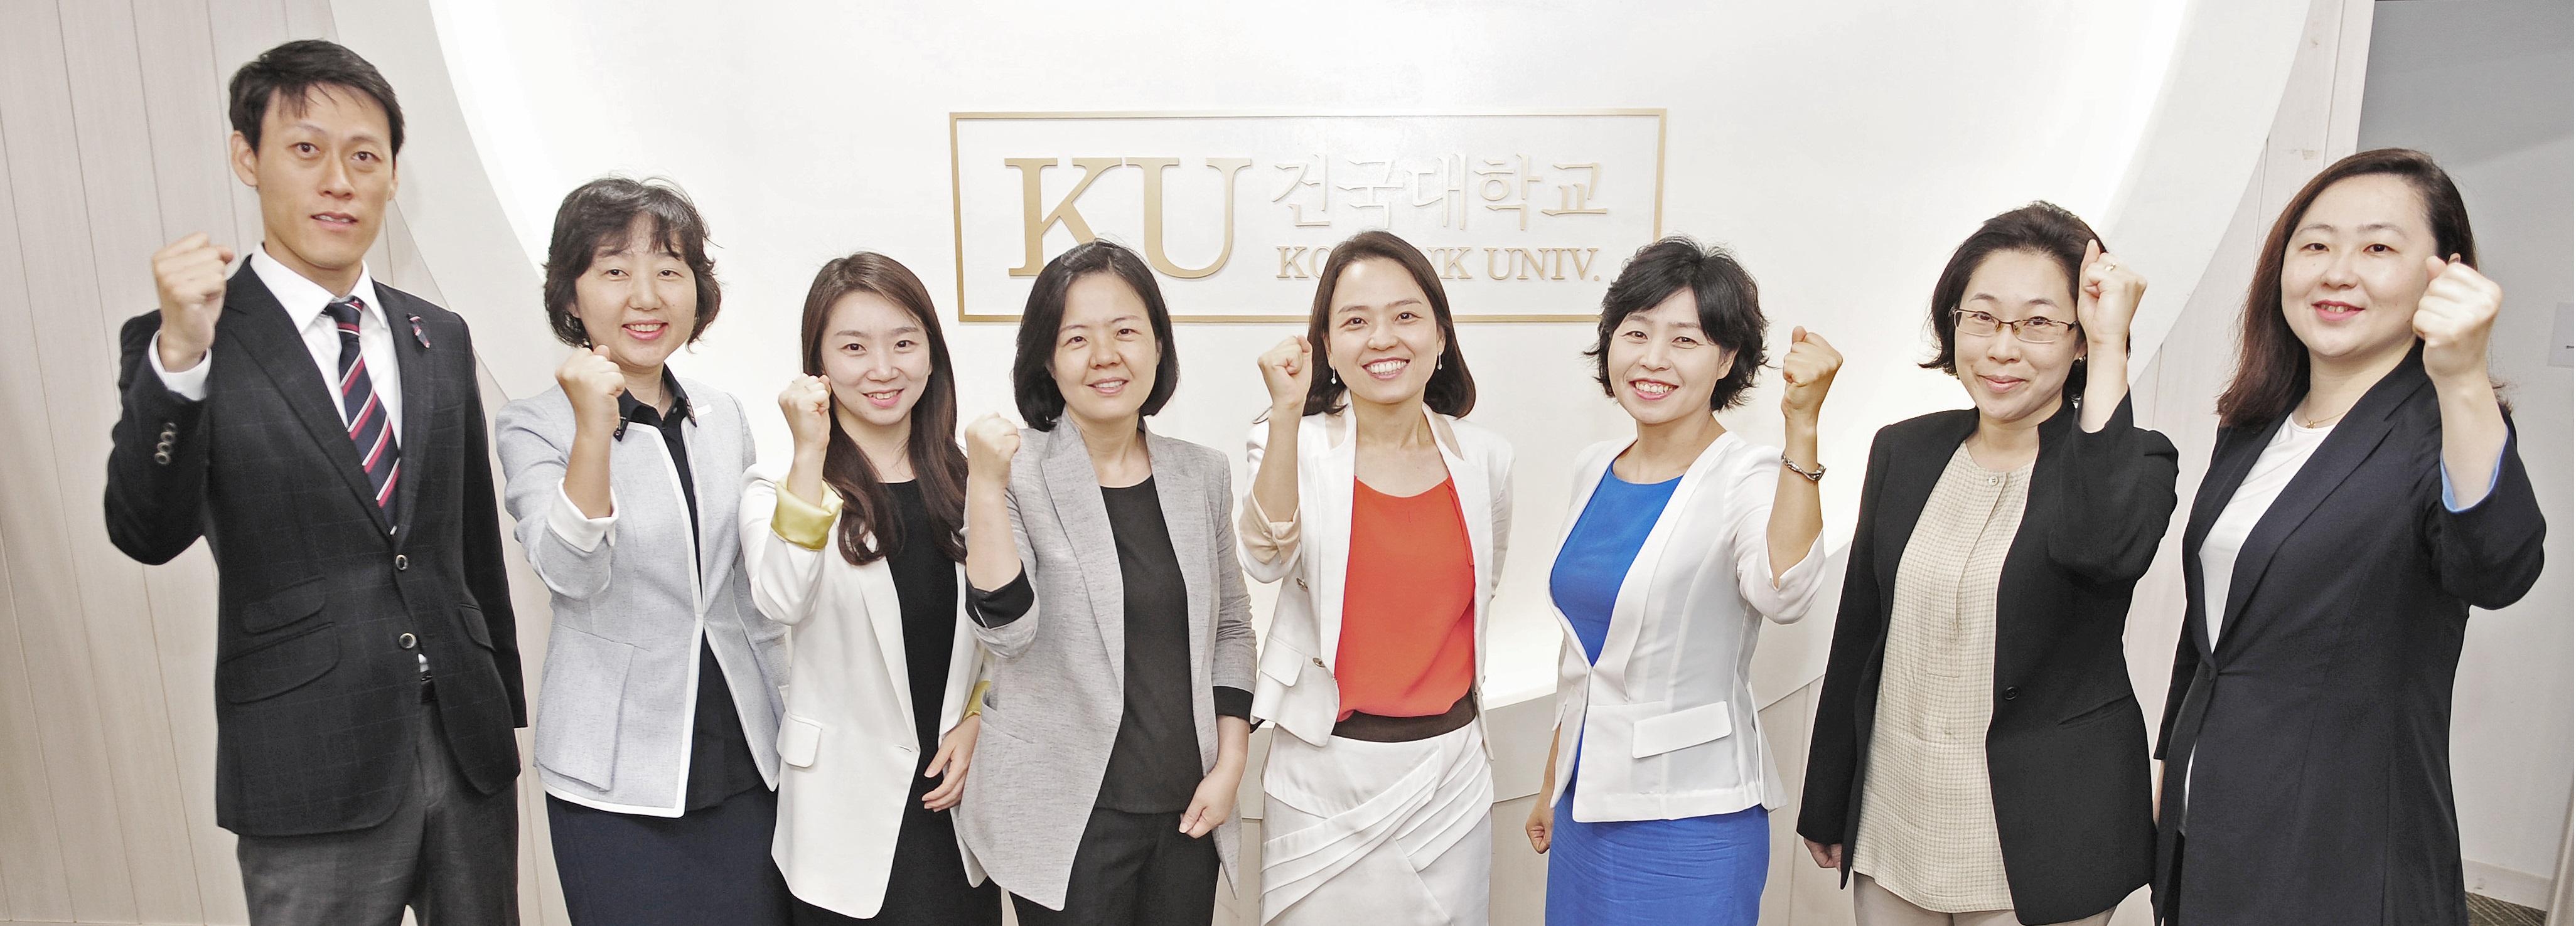 단과대학별 학생 취업 돕는 전담 취업컨설턴트제 도입 분야별 8명의 컨설턴트가 전문적인 개인 맞춤형 진로-취업 상담